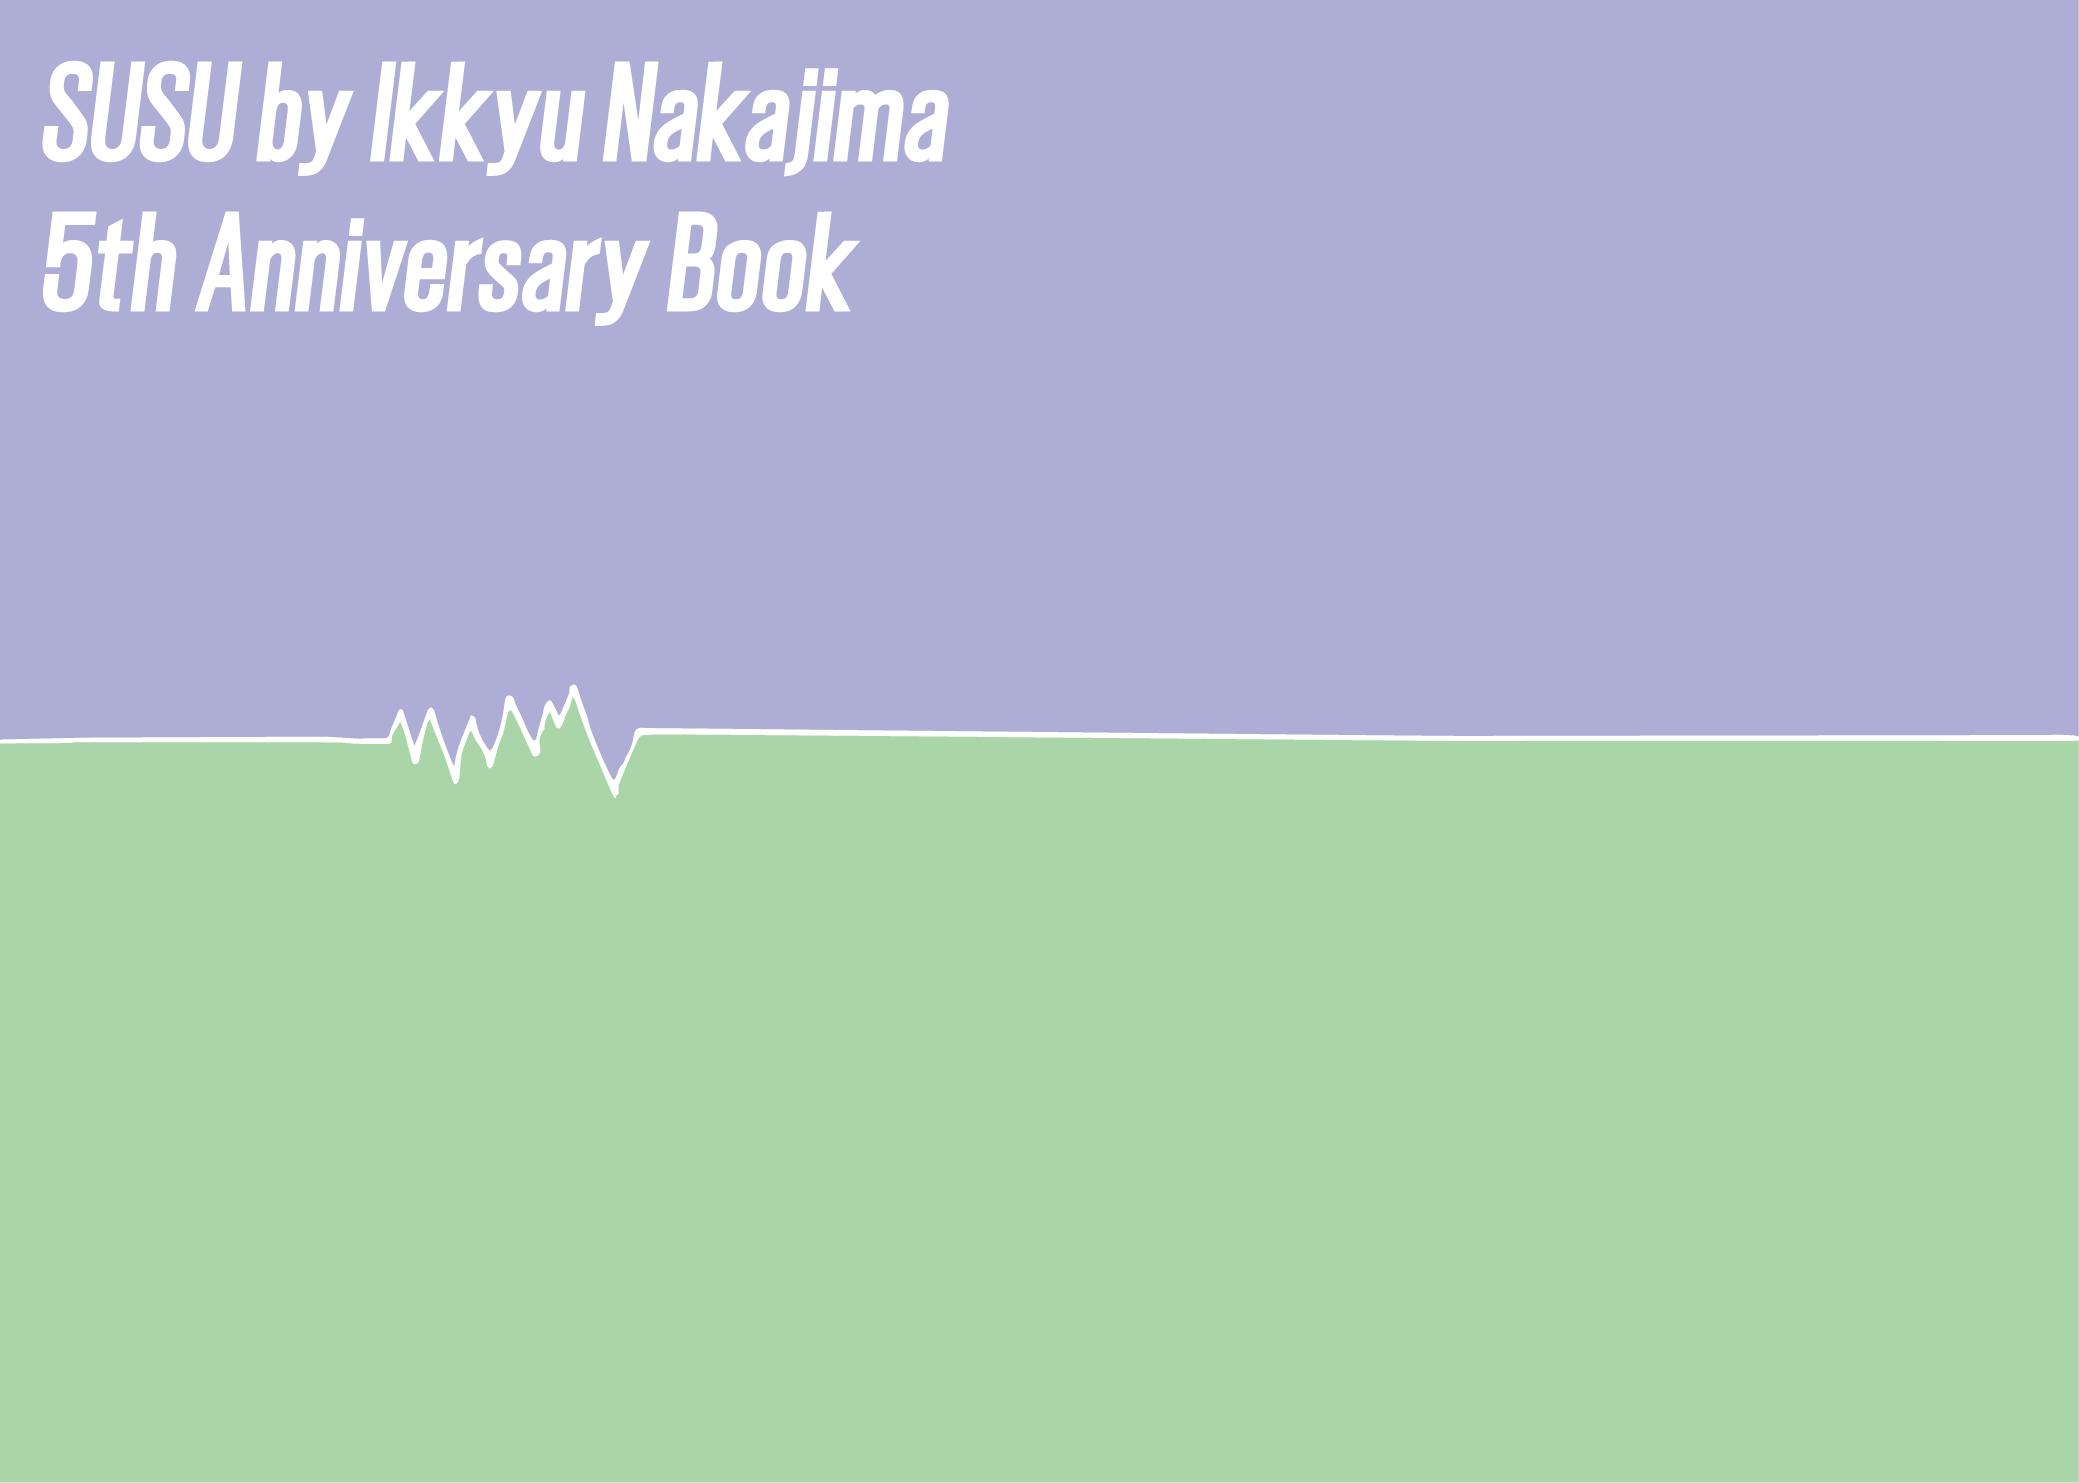 SUSU by Ikkyu Nakajima 5th Anniversary book